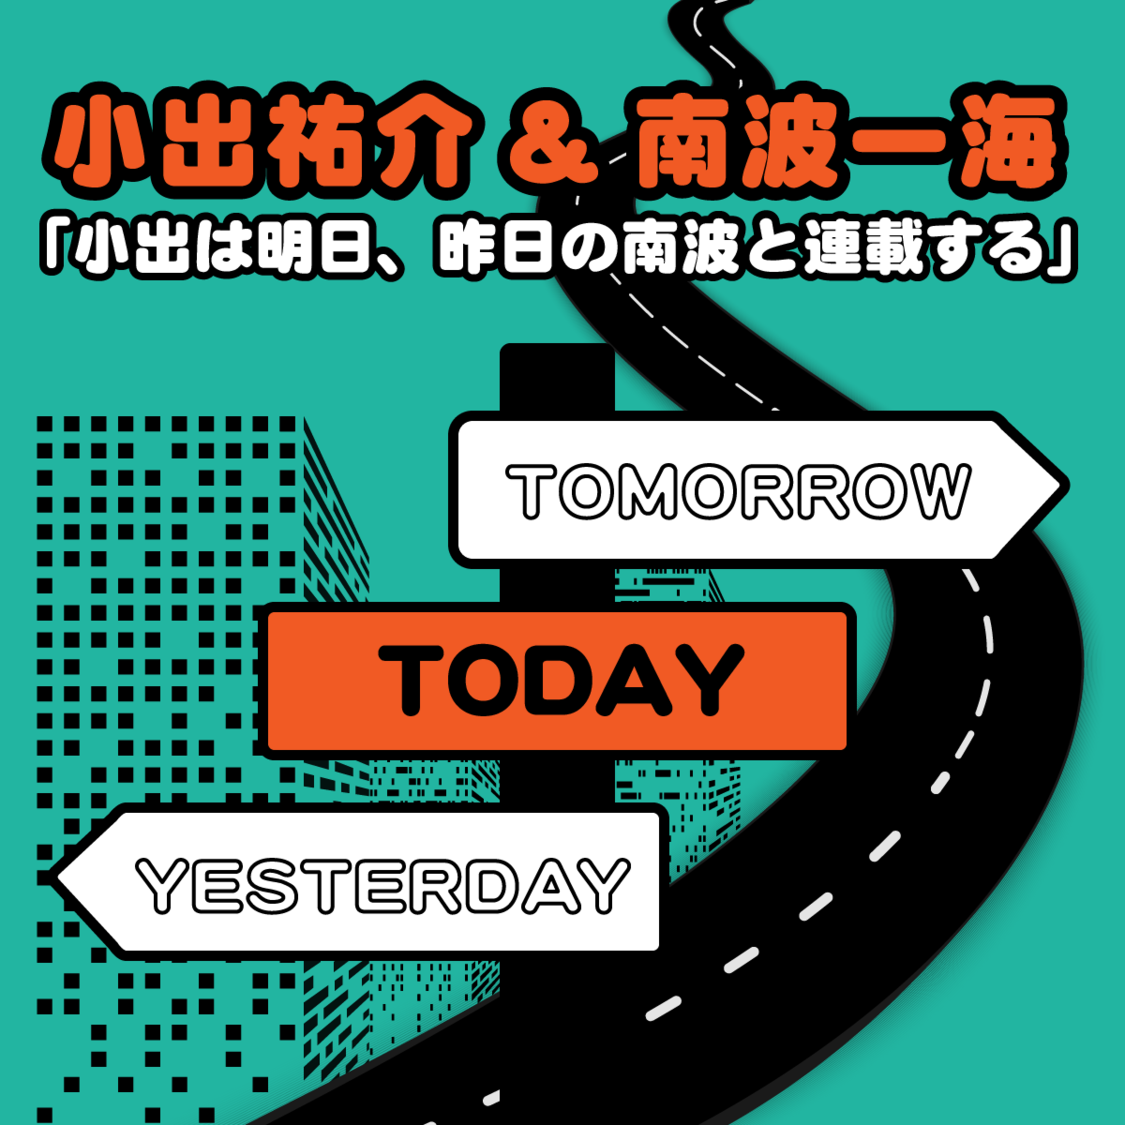 第14回:夢眠ねむ〜小出祐介&南波一海「小出は明日、昨日の南波と連載する」〜